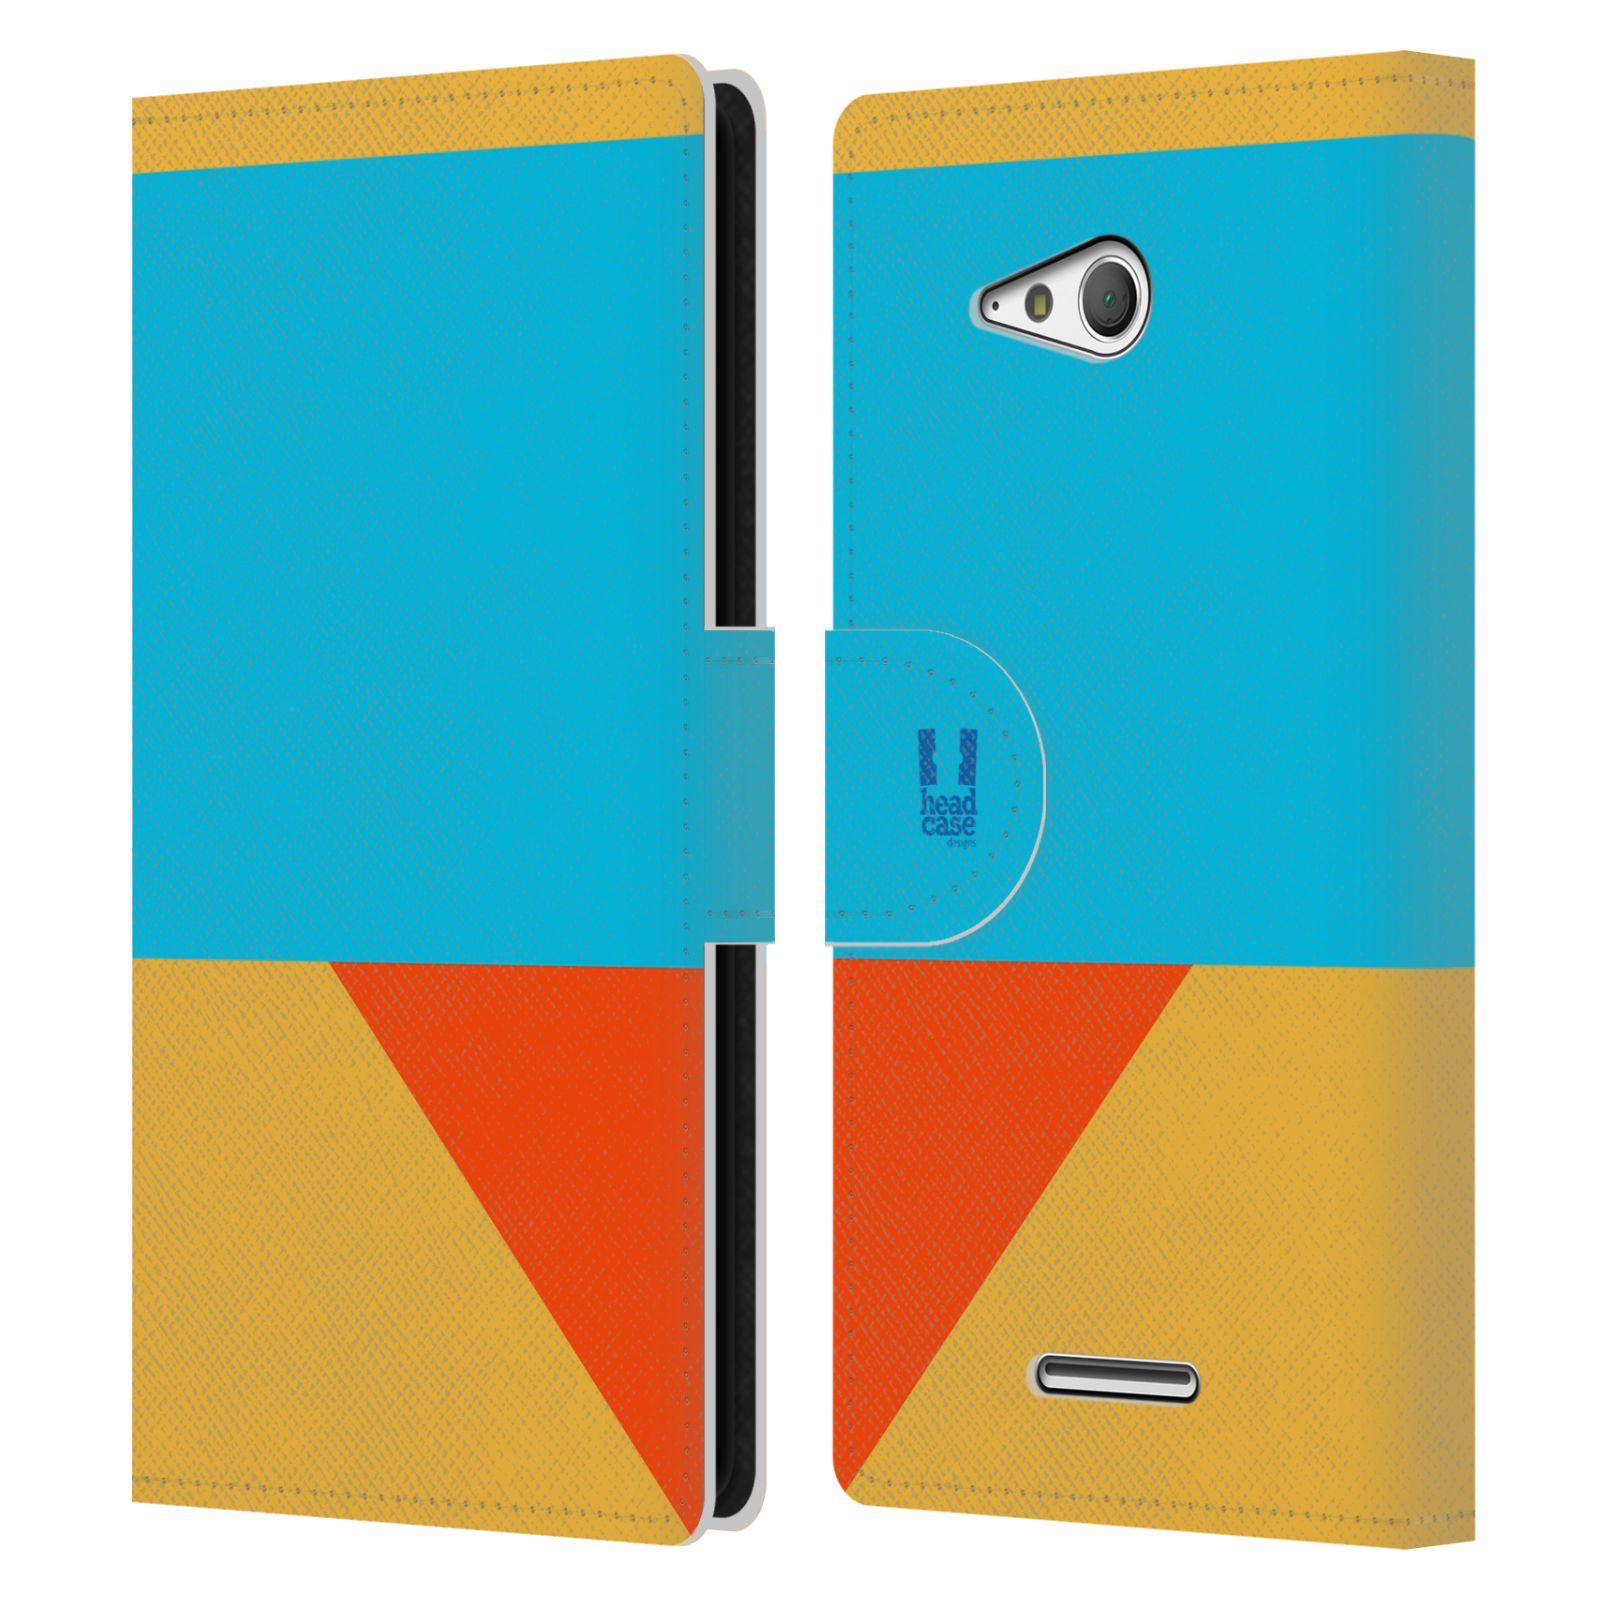 HEAD CASE Flipové pouzdro pro mobil SONY Xperia E4g barevné tvary béžová a modrá DAY WEAR